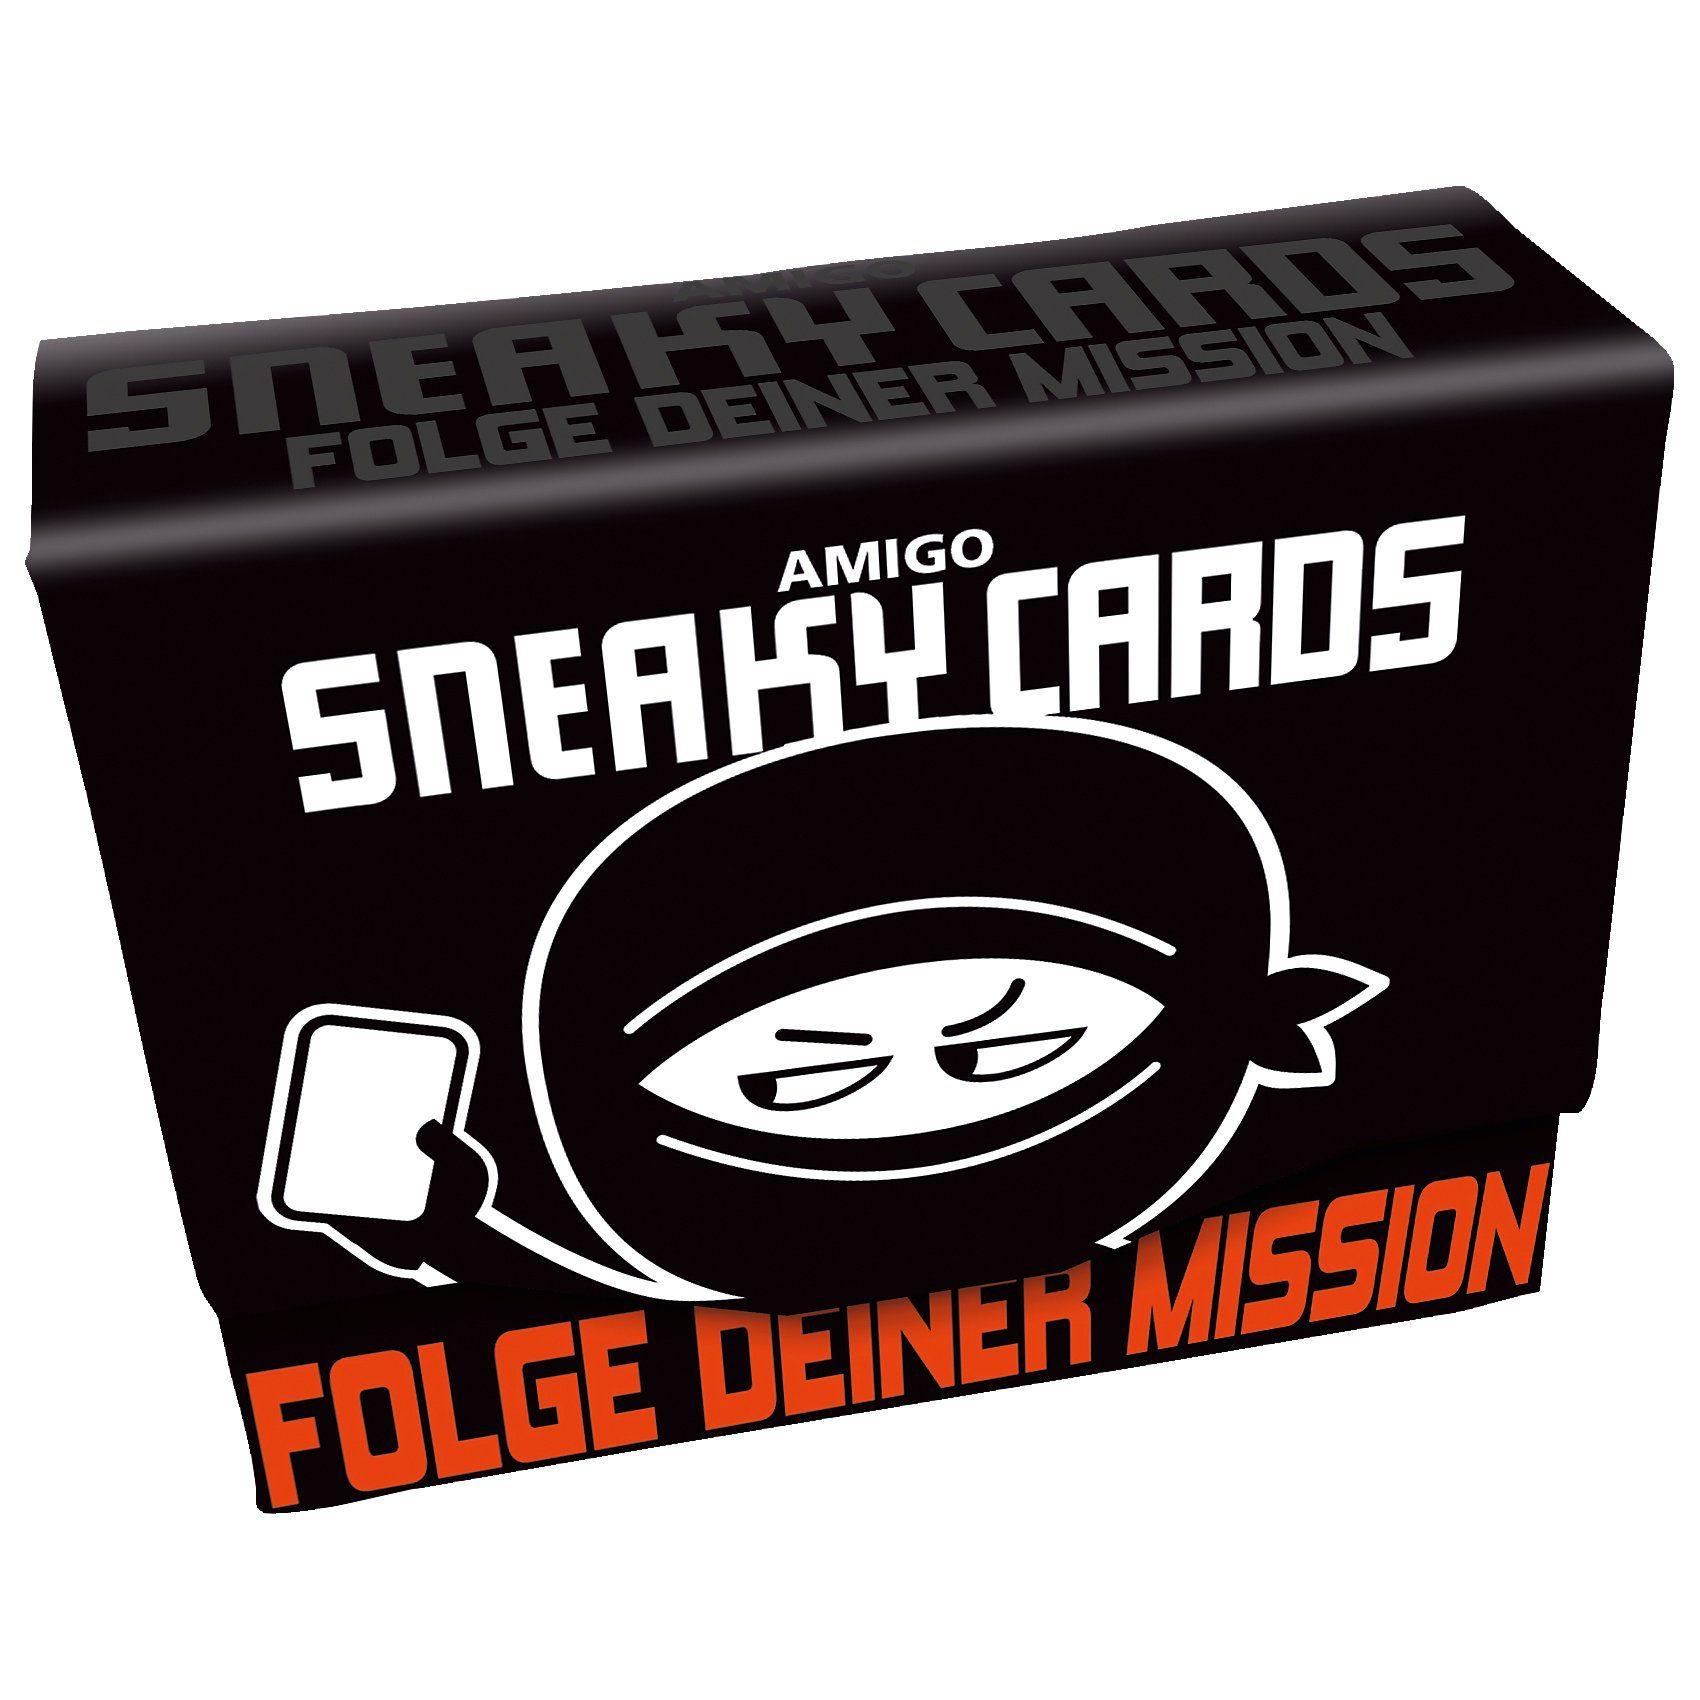 AMIGO Sneaky Cards